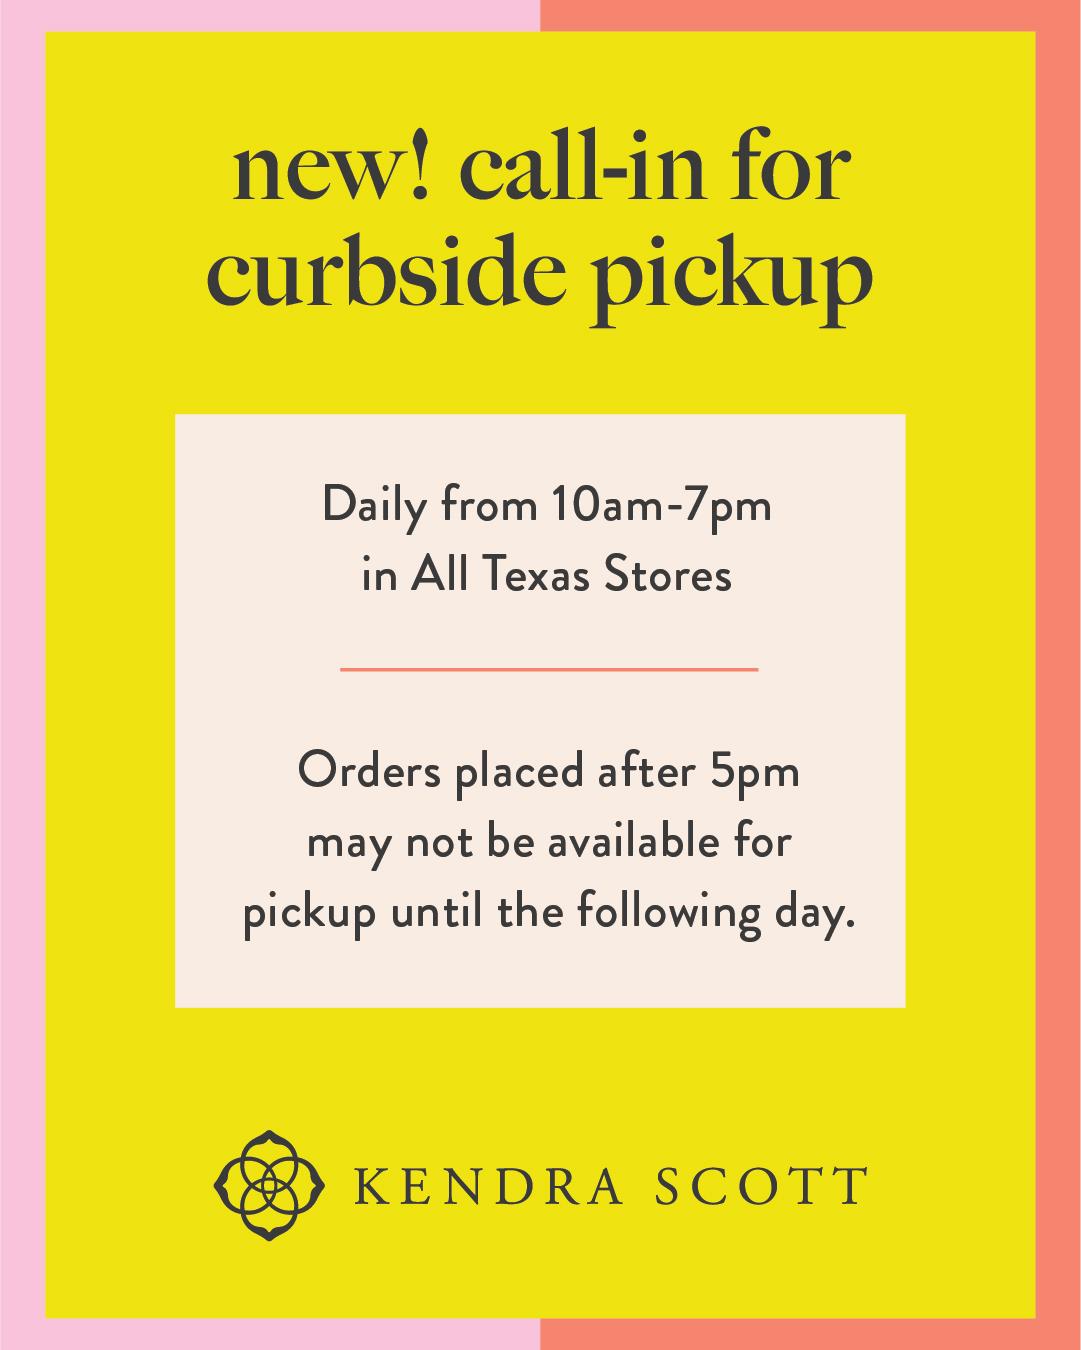 Kendra Scott Curbside Pick-Up from Kendra Scott